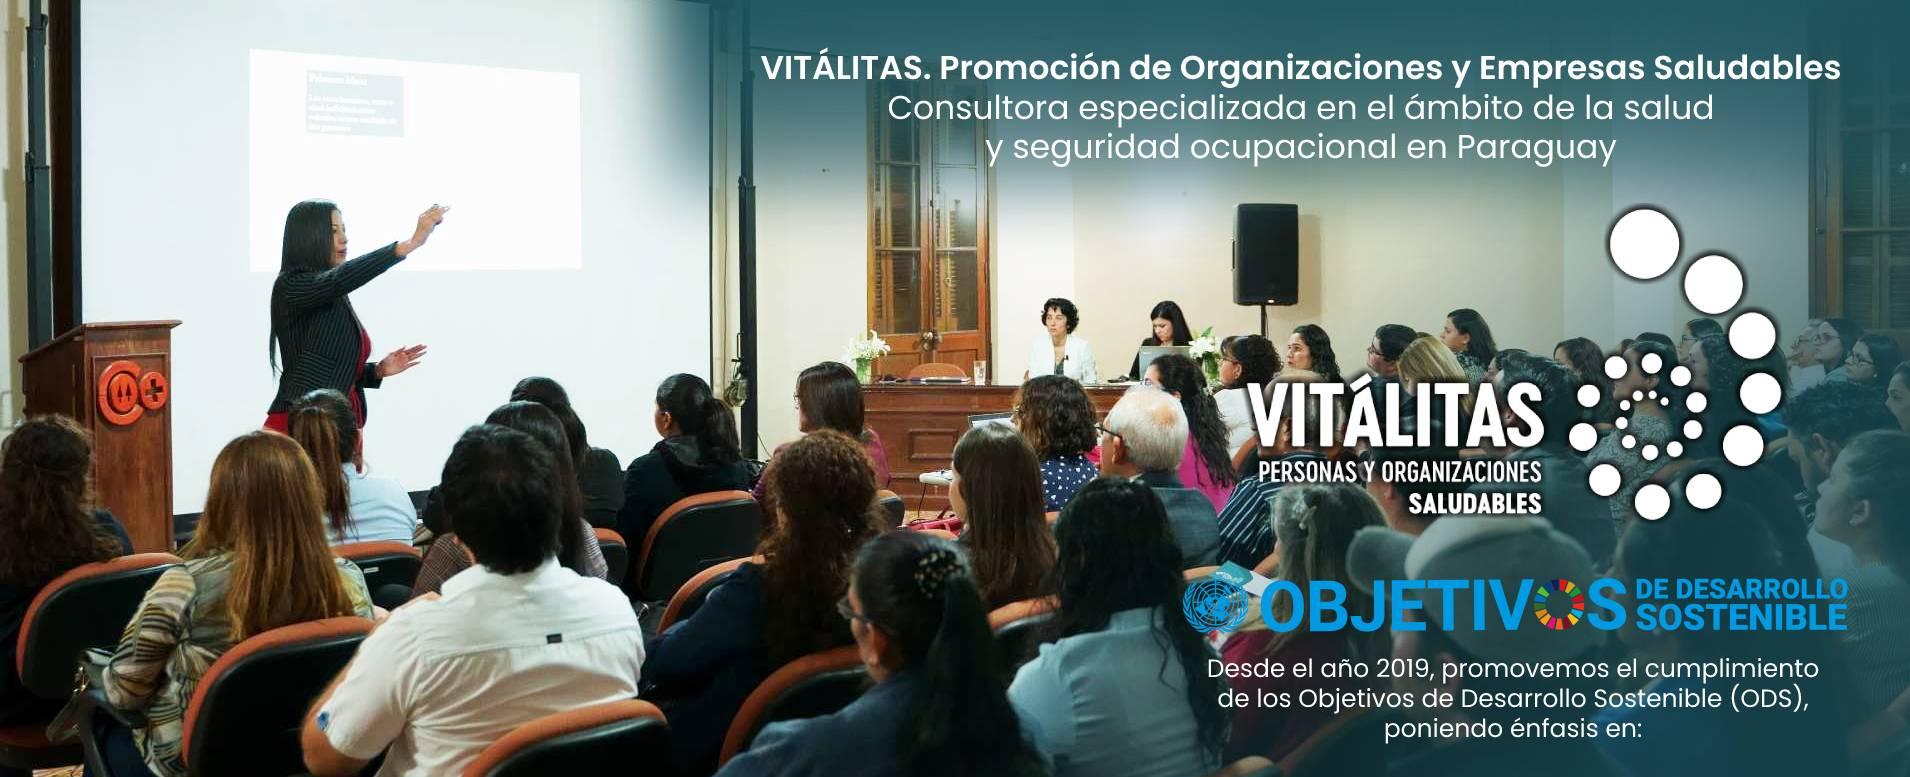 VITÁLITAS. Promoción de Organizaciones y Empresas Saludables